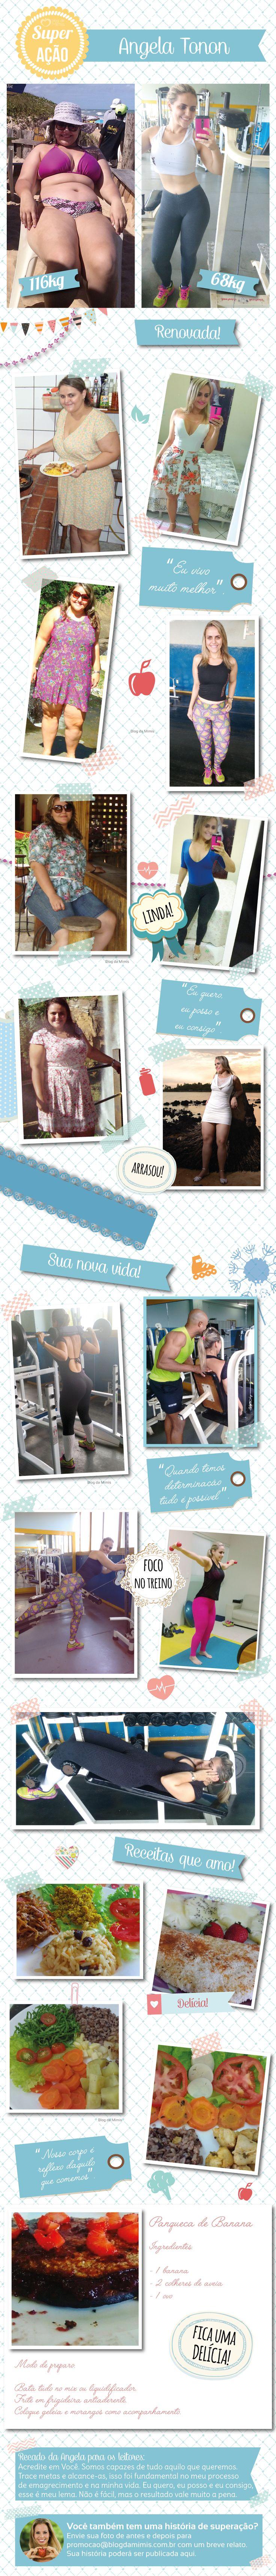 Superação Angela: ela emagreceu 48kg e casou-se com o personal - Blog da Mimis - Angela, que tinha 116Kg, deixou a obesidade de lado e foi ser feliz! #obesidade #emagrecimento #emagrecer #loseweight #dieta #diet